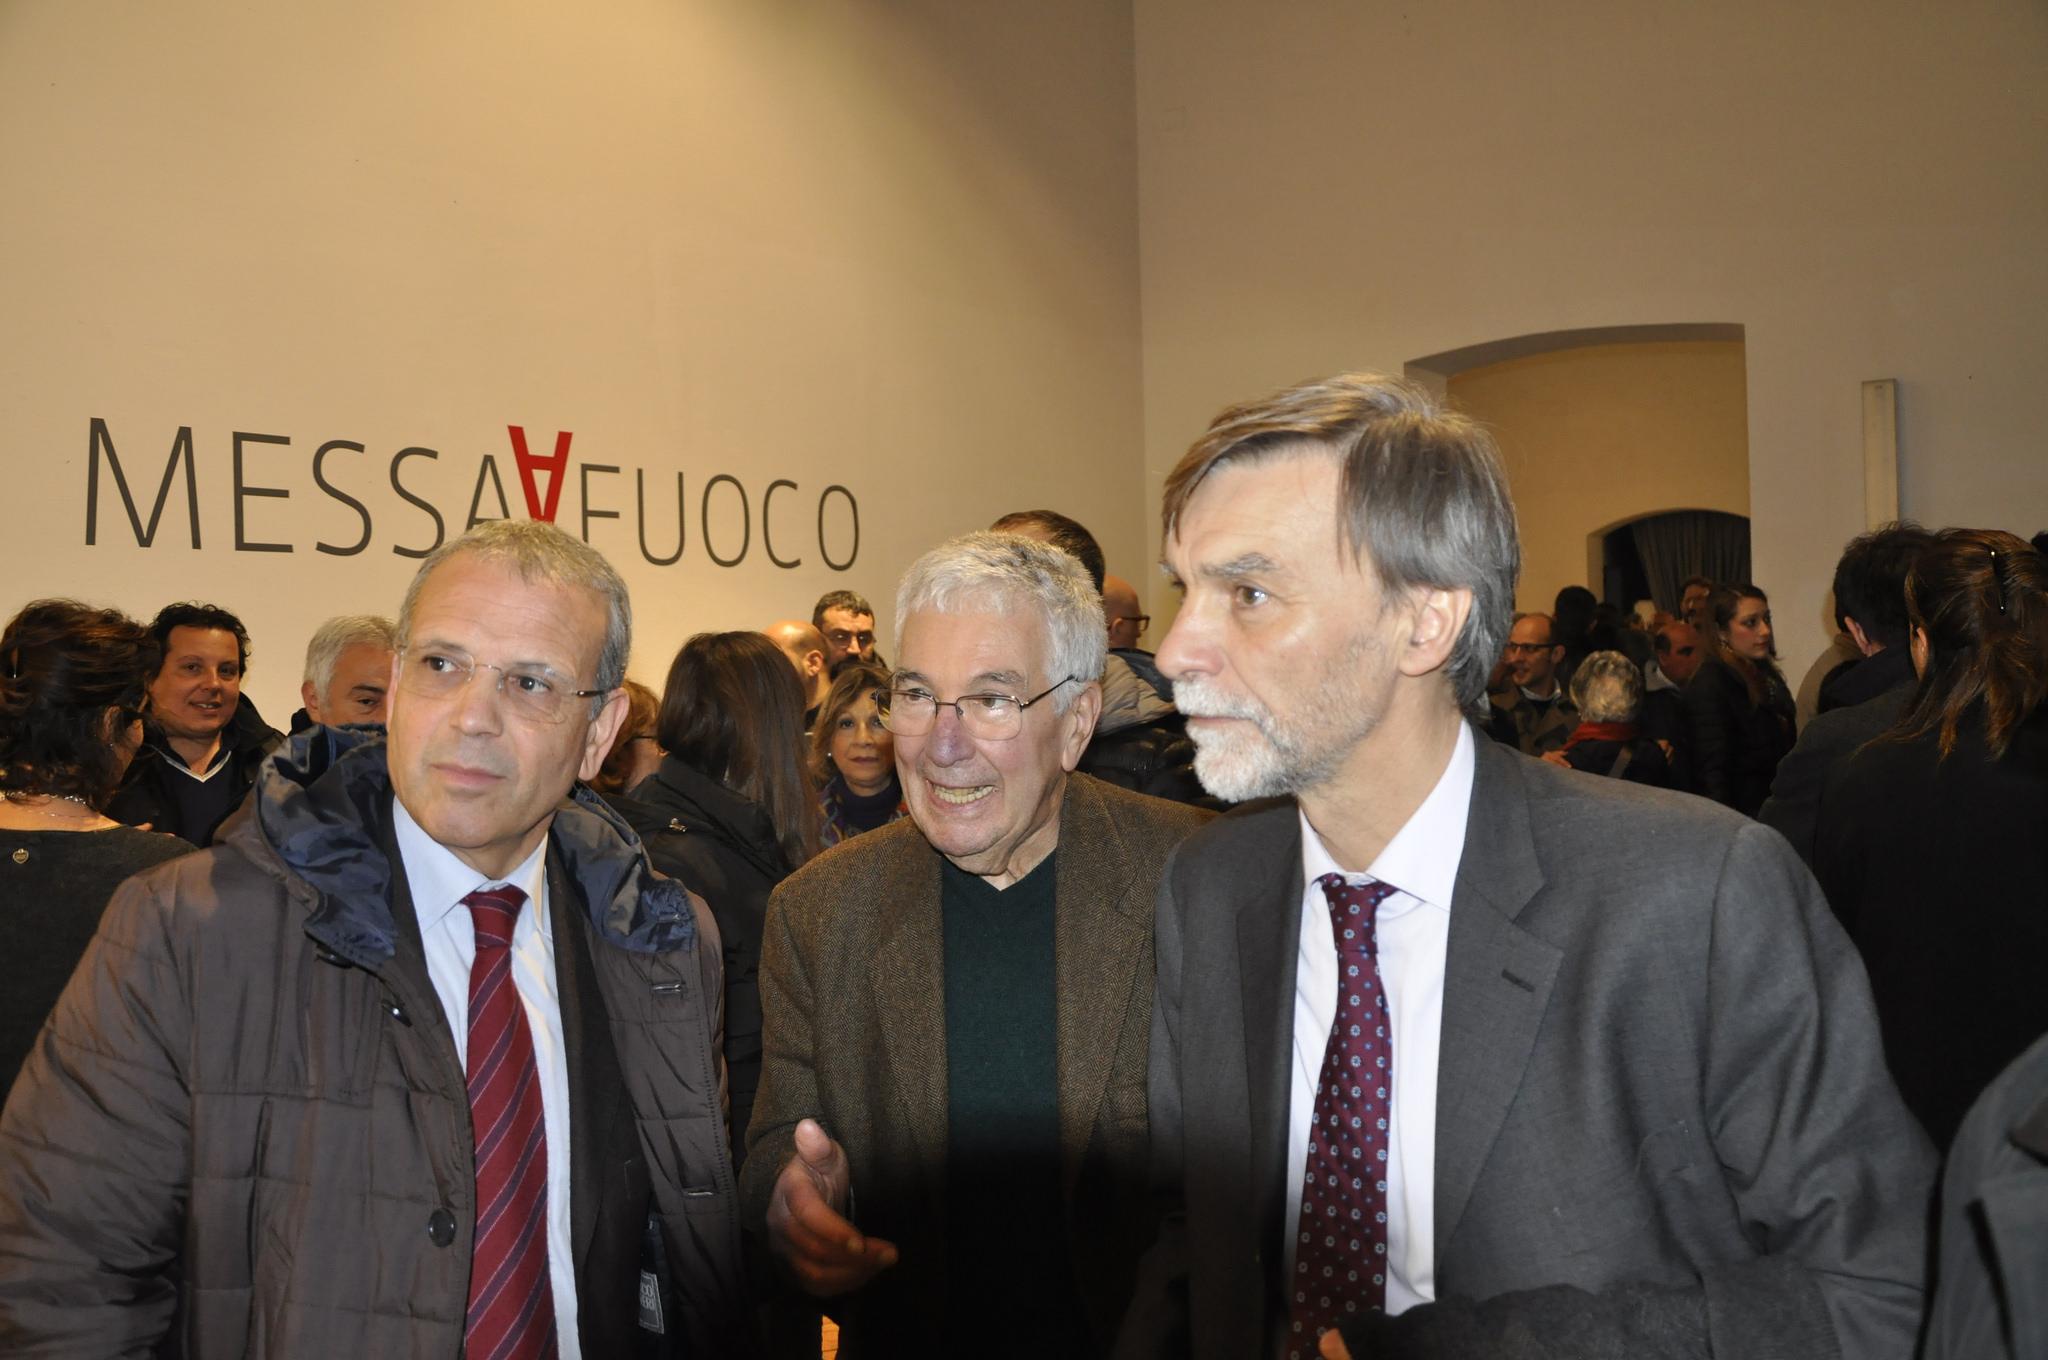 Silvestrini Ministro Infrastrutture Graziano Delrio inaugurazione mostra Messa a Fuoco